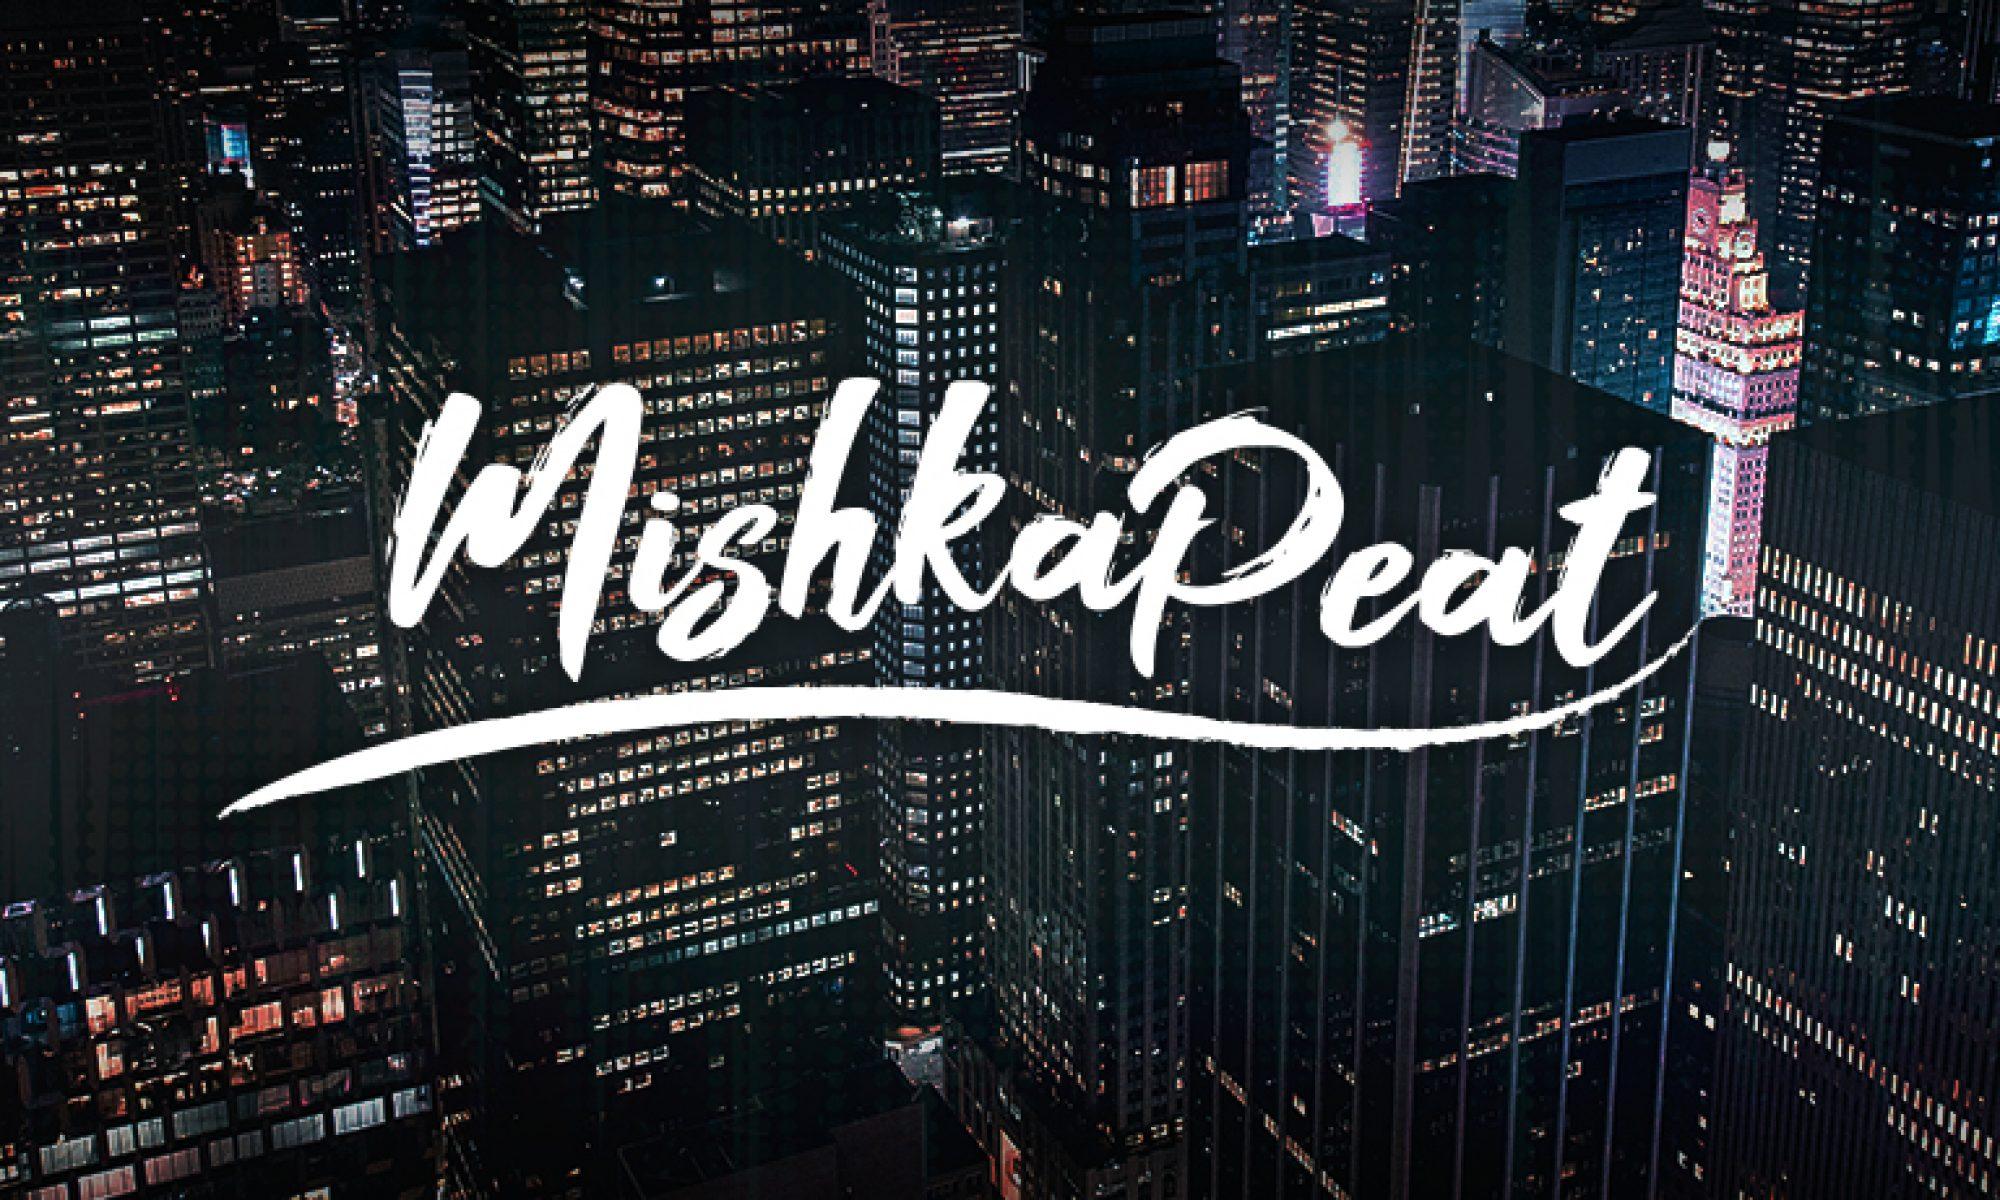 MISHKA PEAT